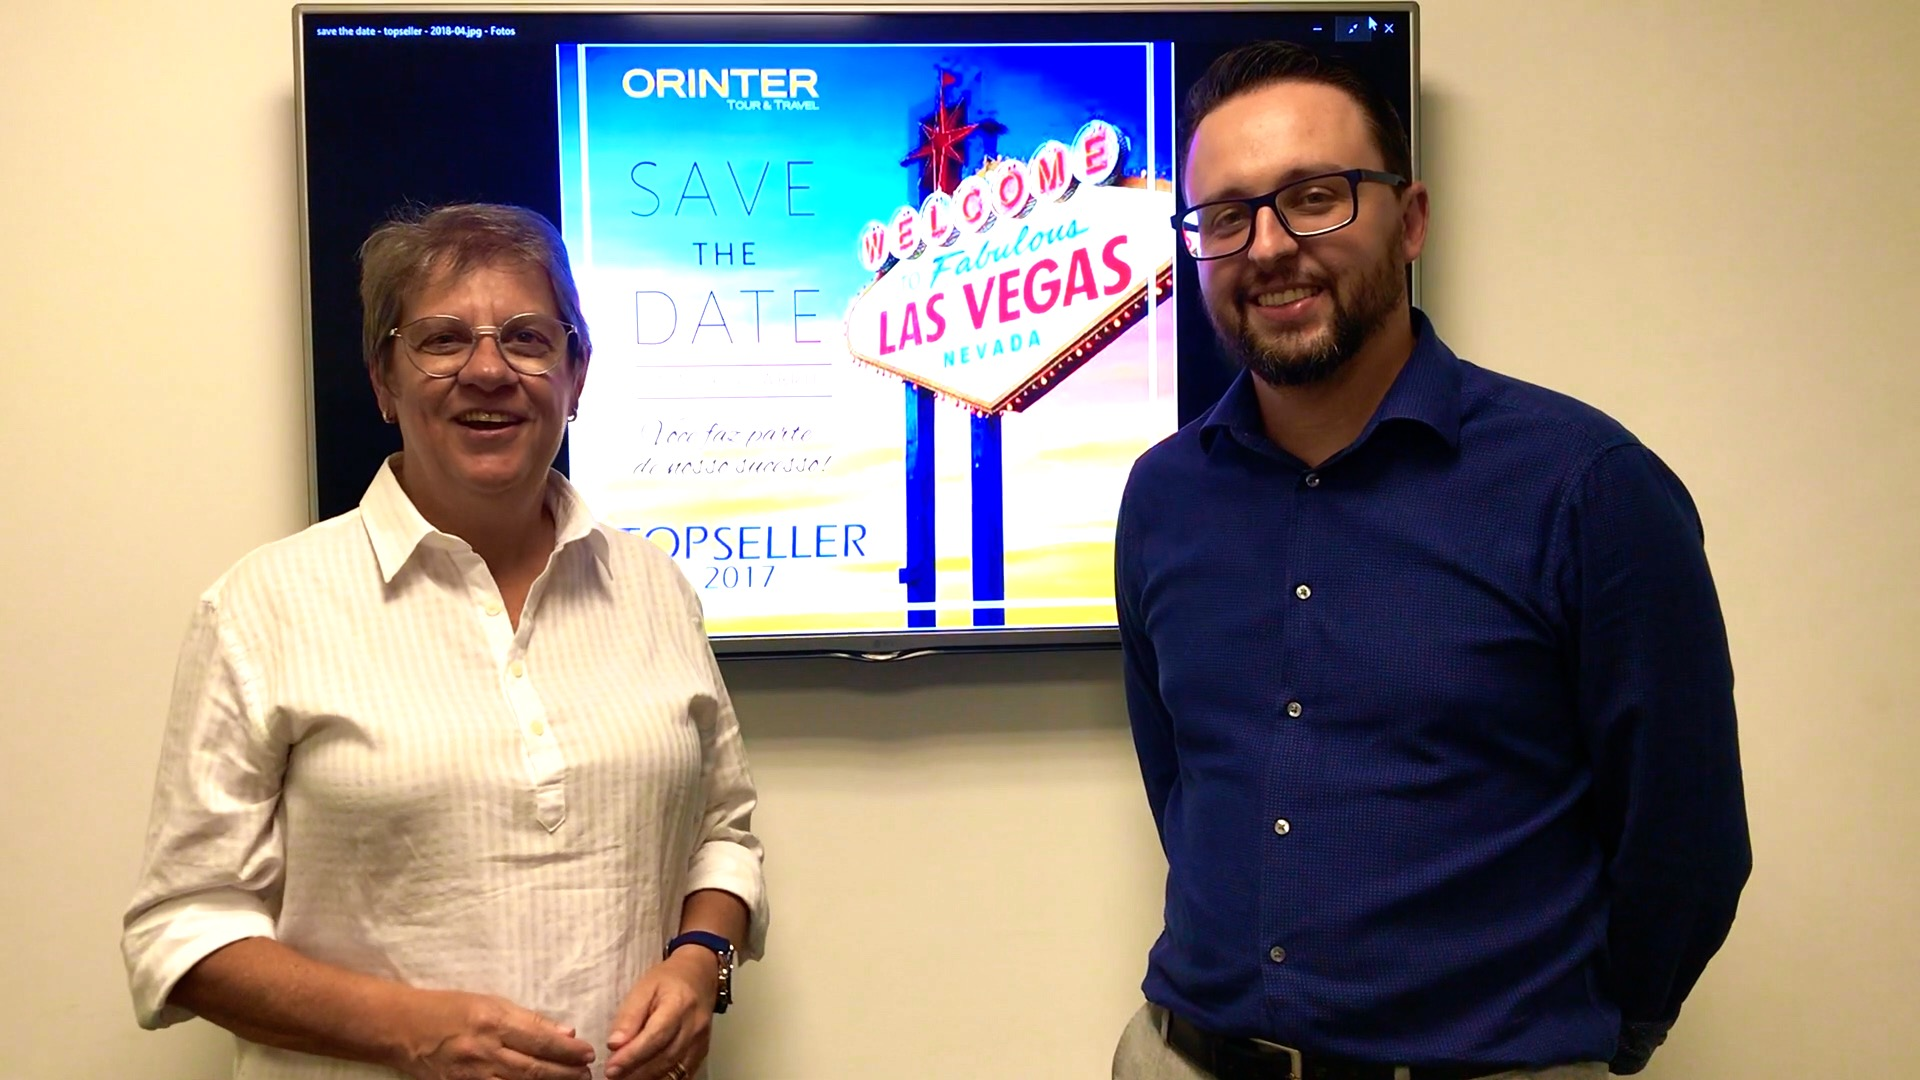 Ana Maria Berto e Roberto Sanches, diretores da Orinter Tour & Travel, convidam para o TopSeller 2017